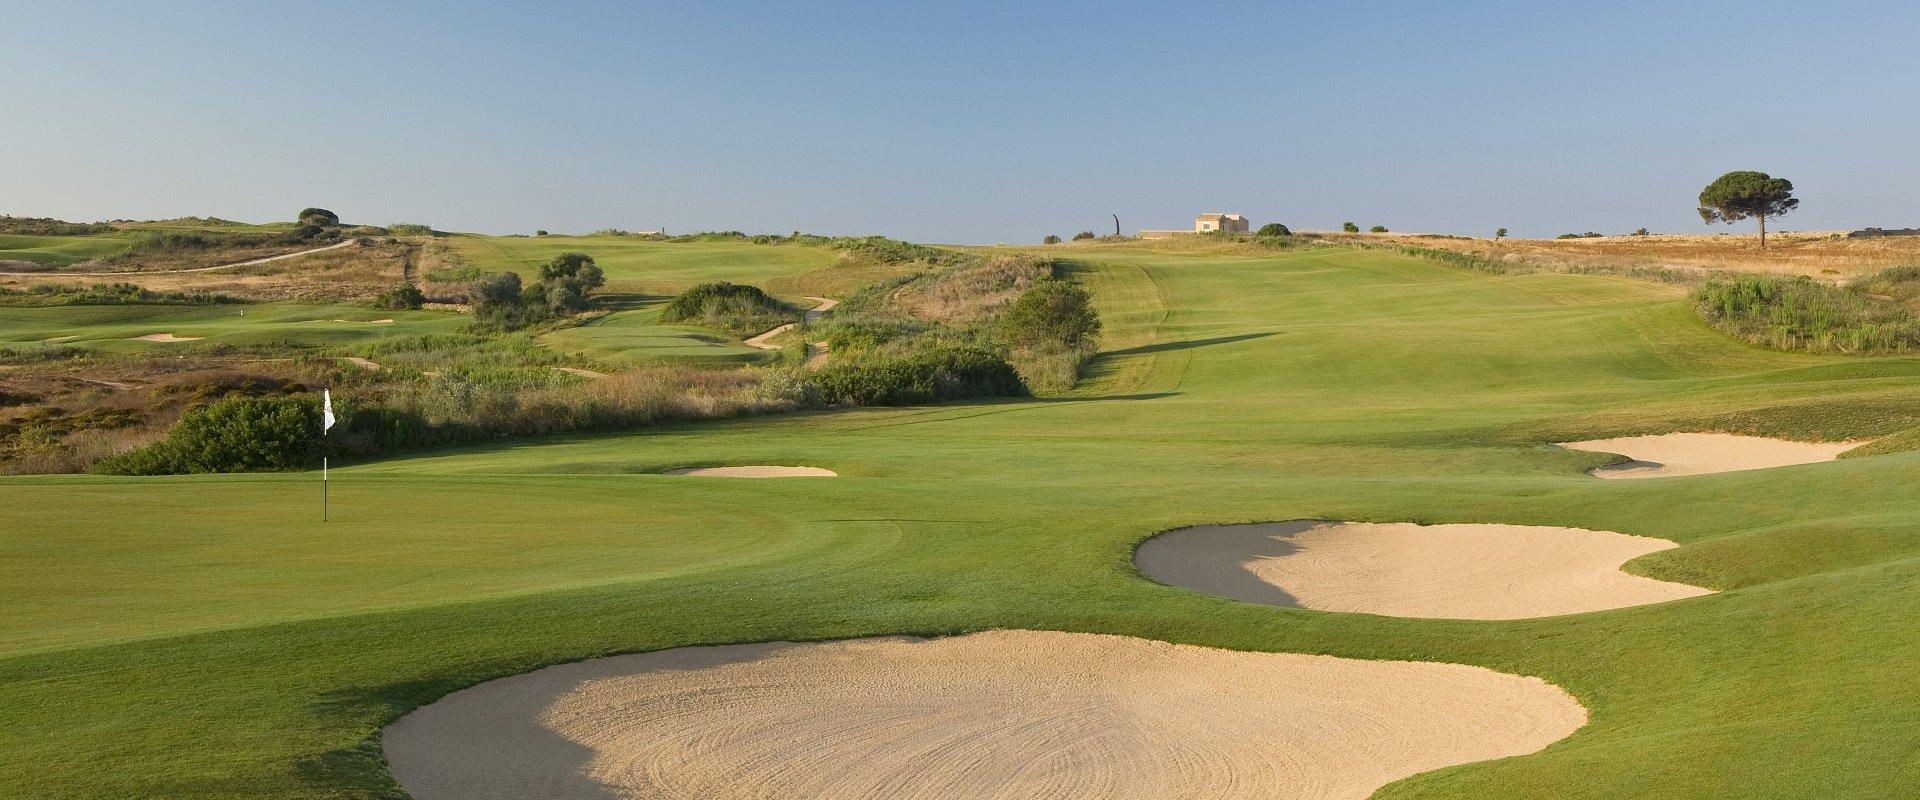 golfreis-golfarrangement-ragusa-sicilie.jpg